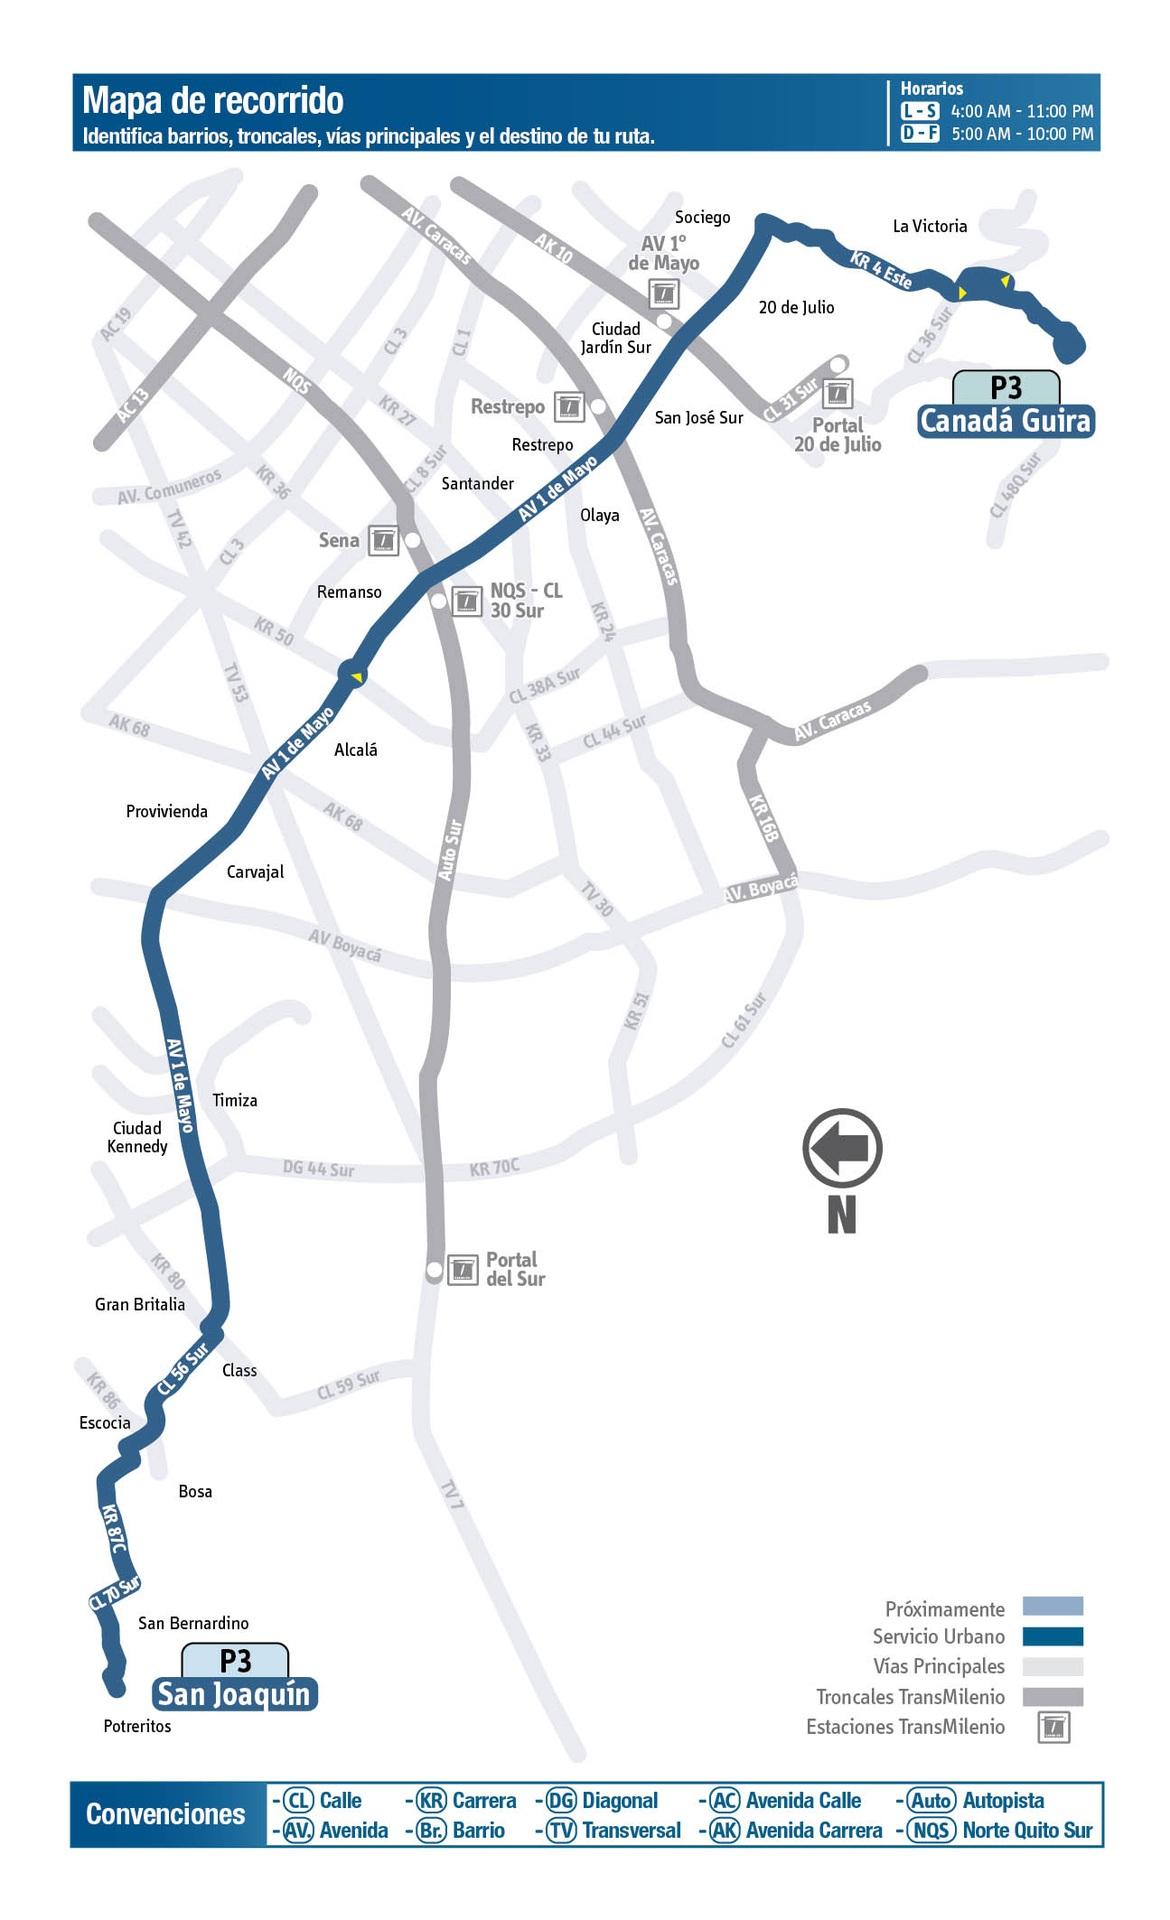 Ruta SITP: P3 Canada Güira ↔ San Bernardino Potreritos (San Joaquín) [Urbana] 2